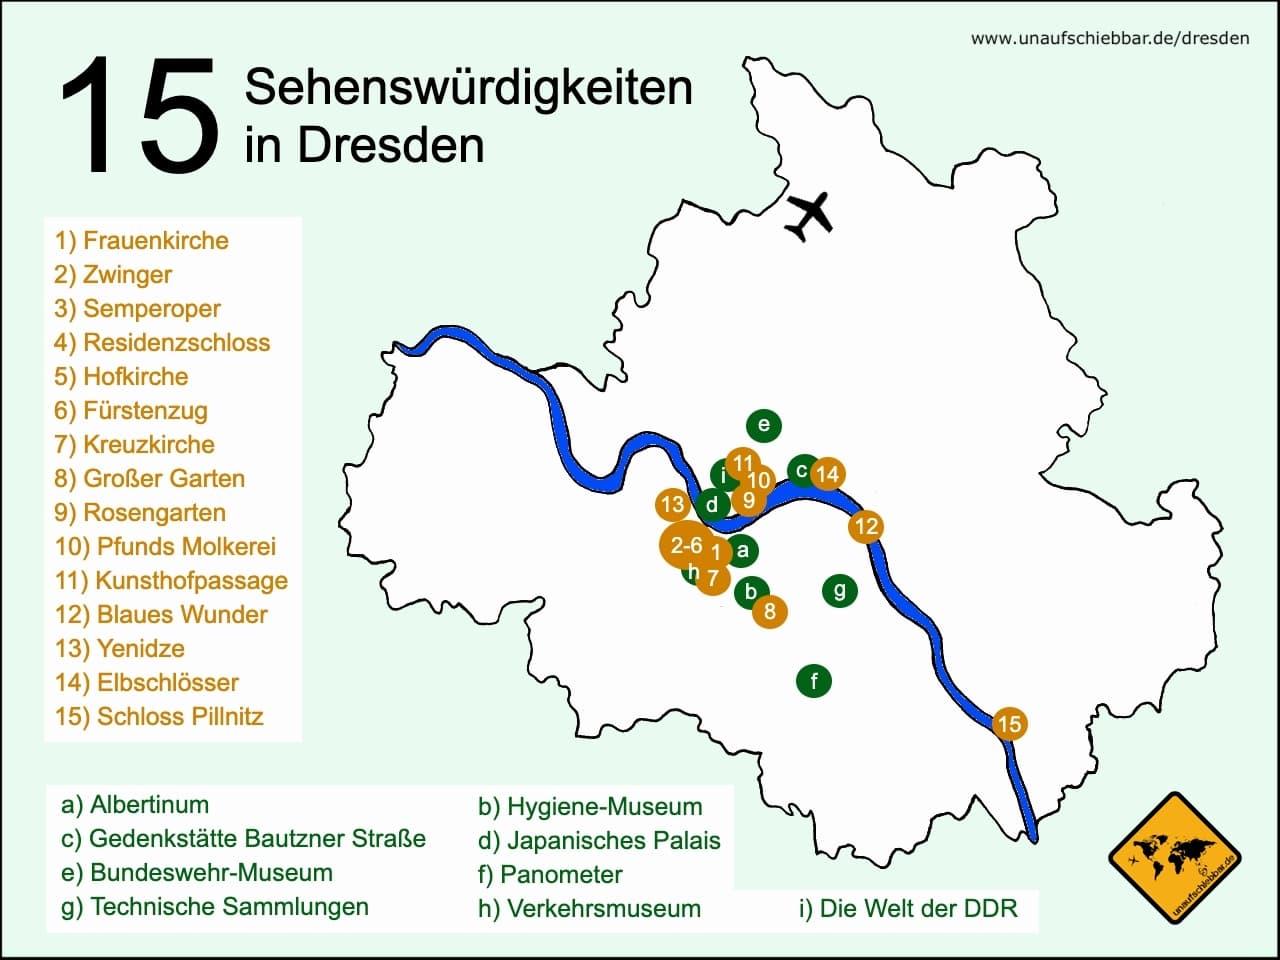 Dresden Sehenswürdigkeiten Karte